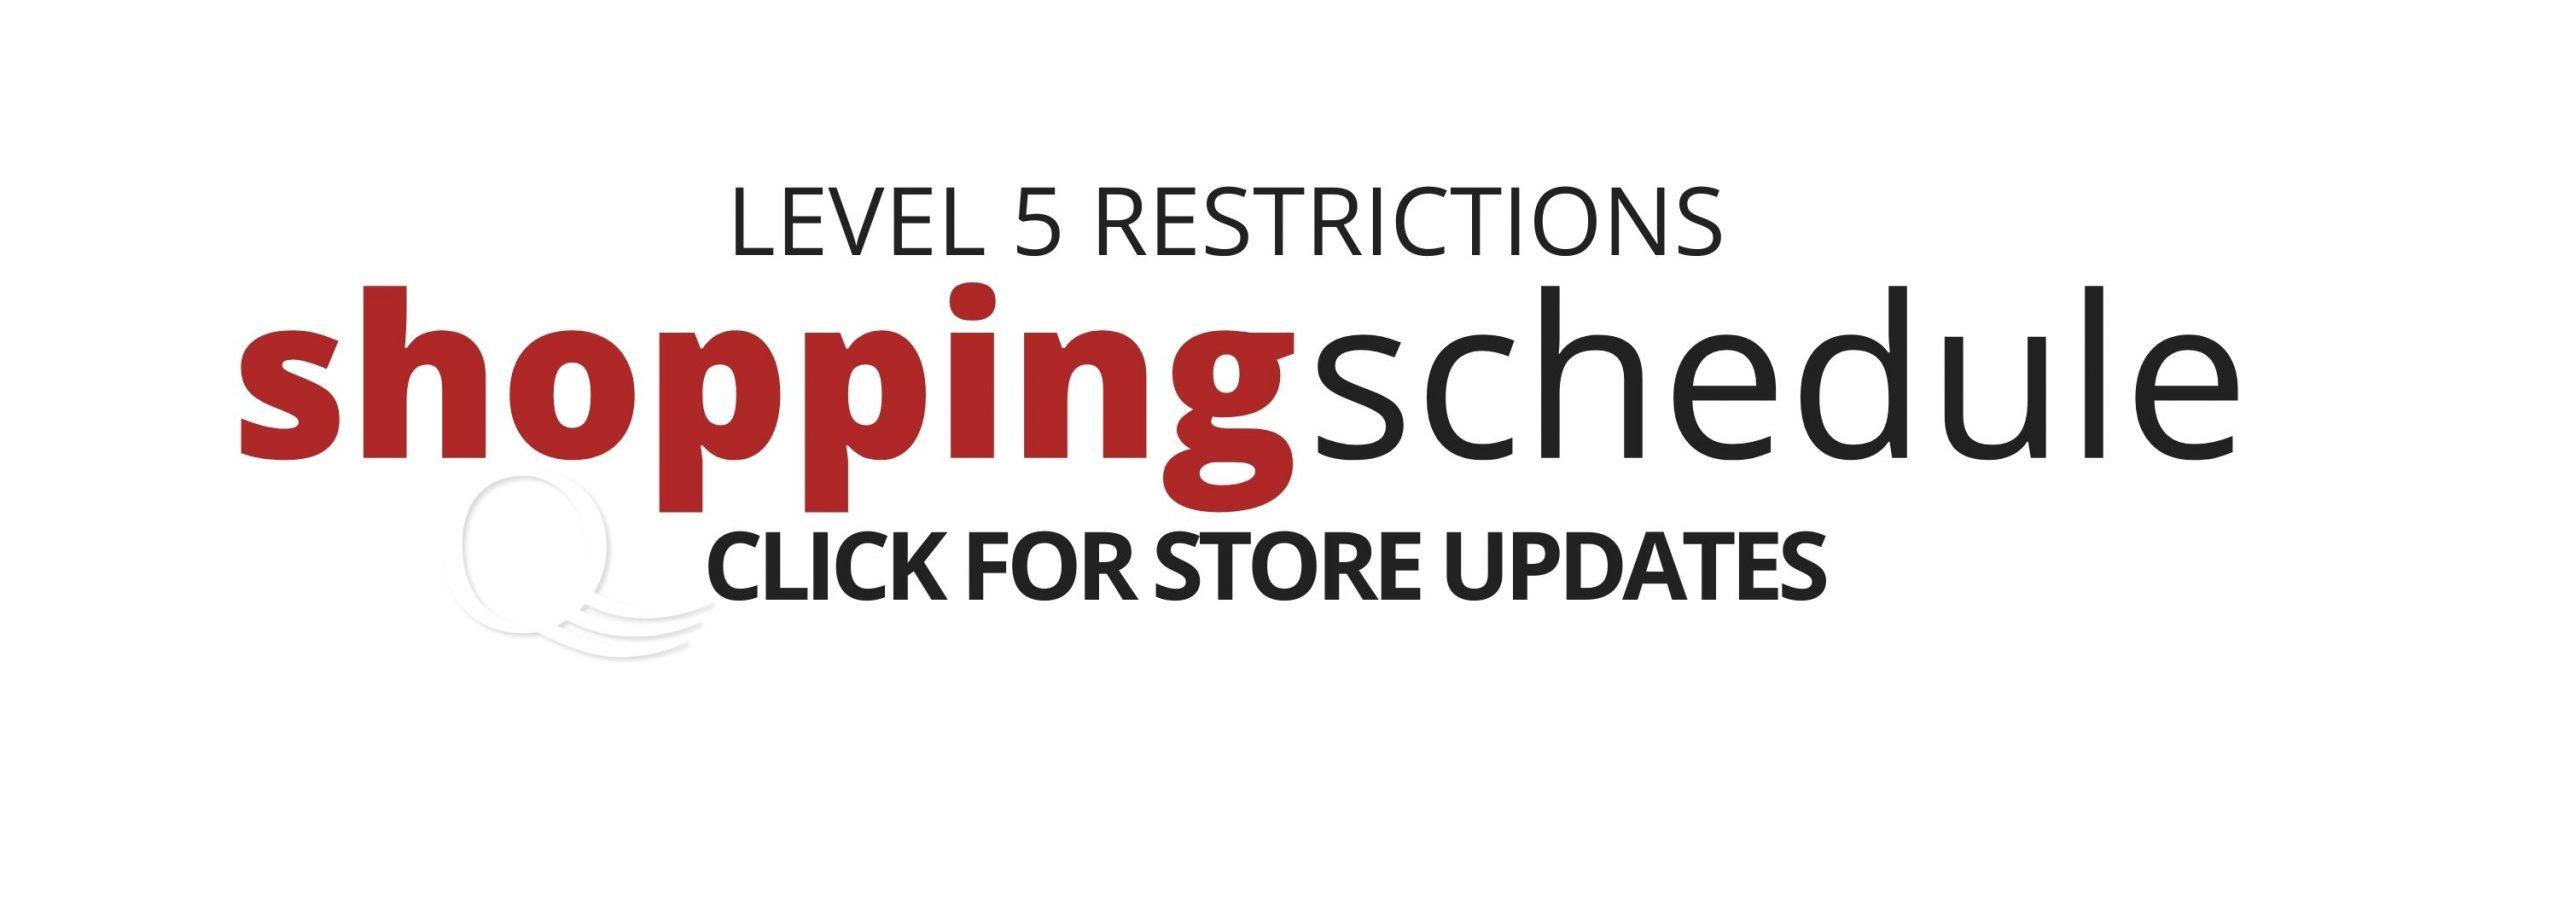 Level 5 Shopping